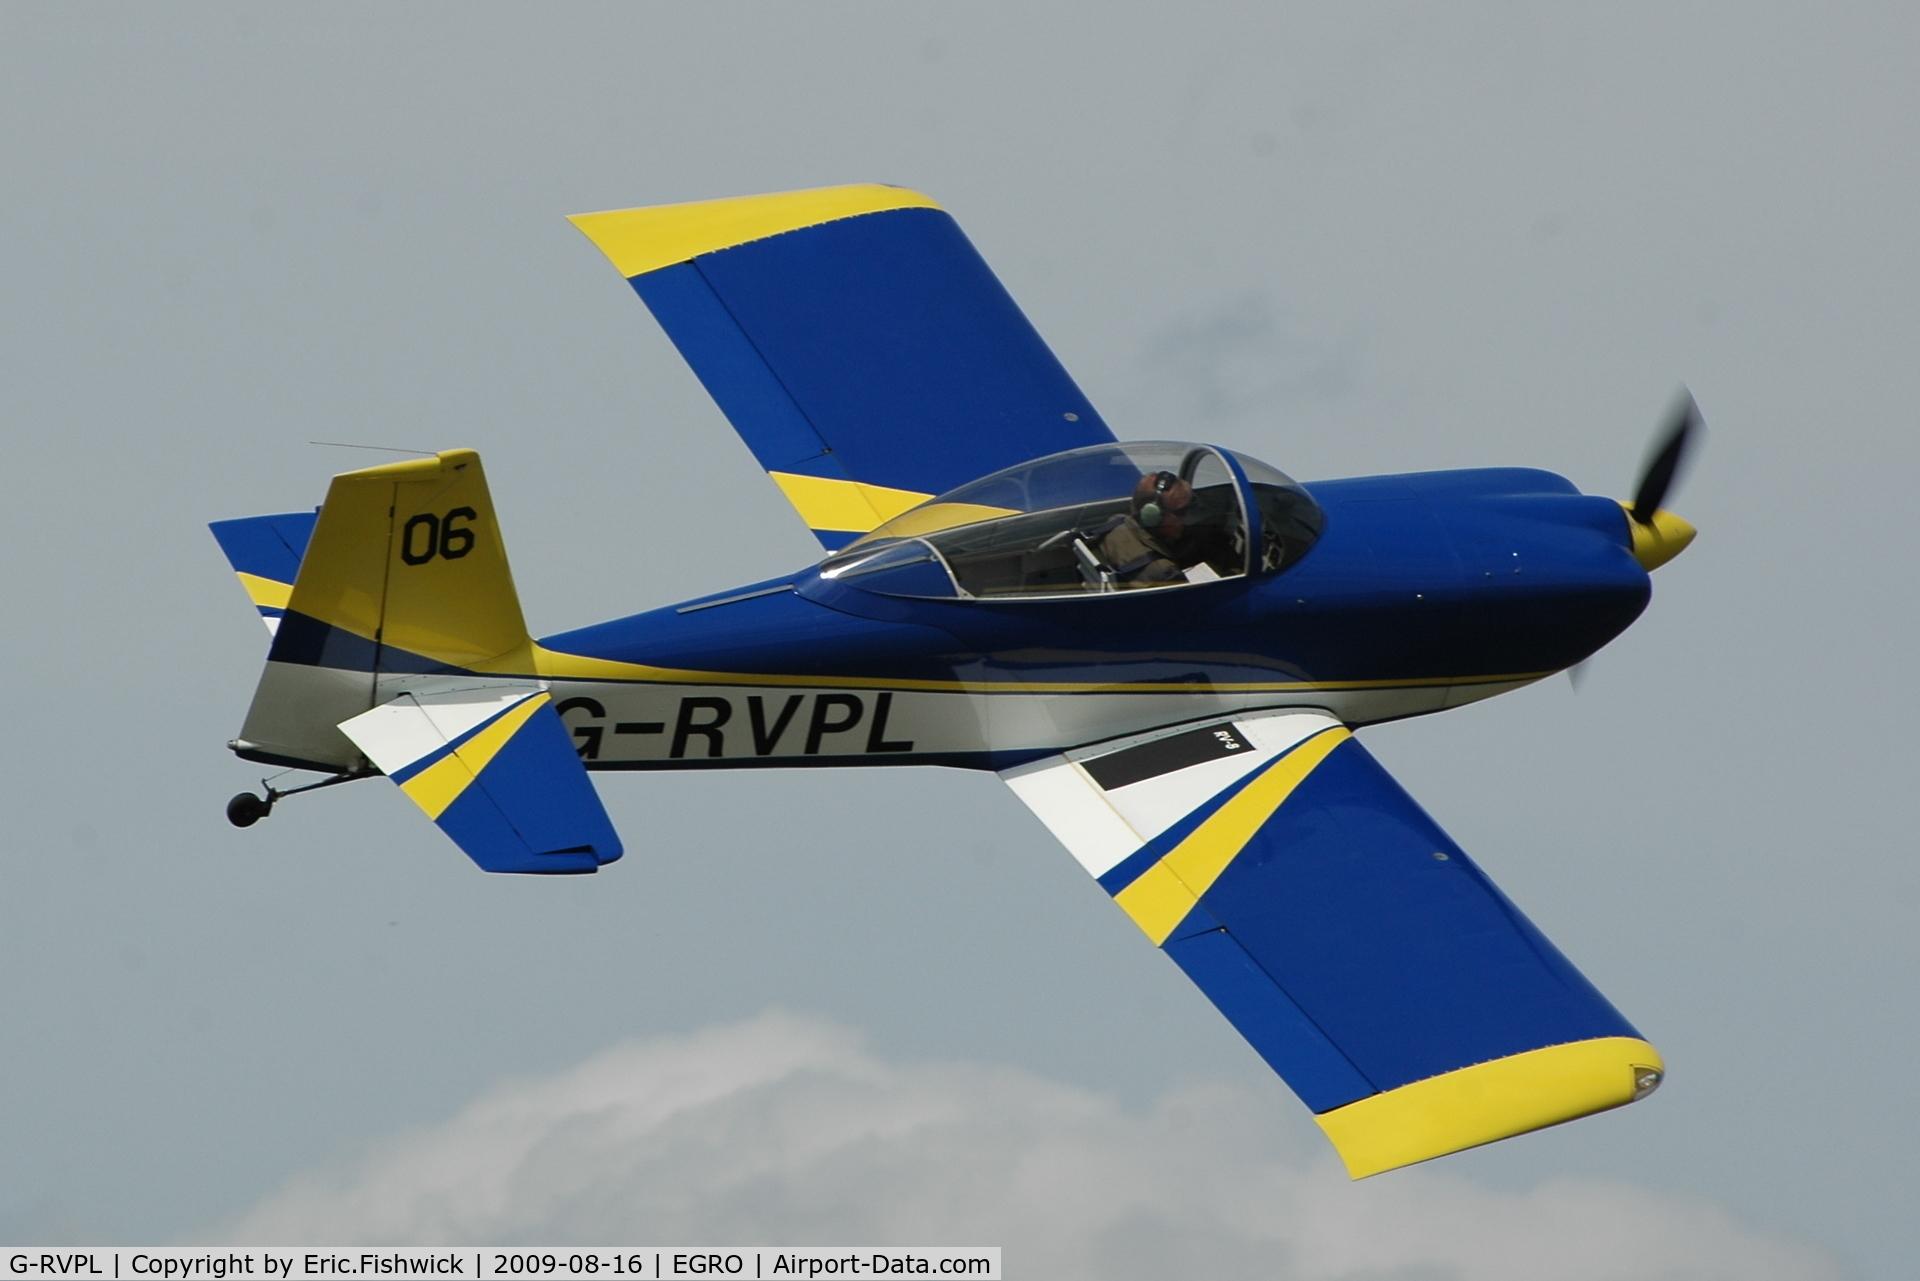 G-RVPL, 2006 Vans RV-8 C/N PFA 303-13885, G-RVPL at Heart Air Display, Rougham Airfield Aug 09